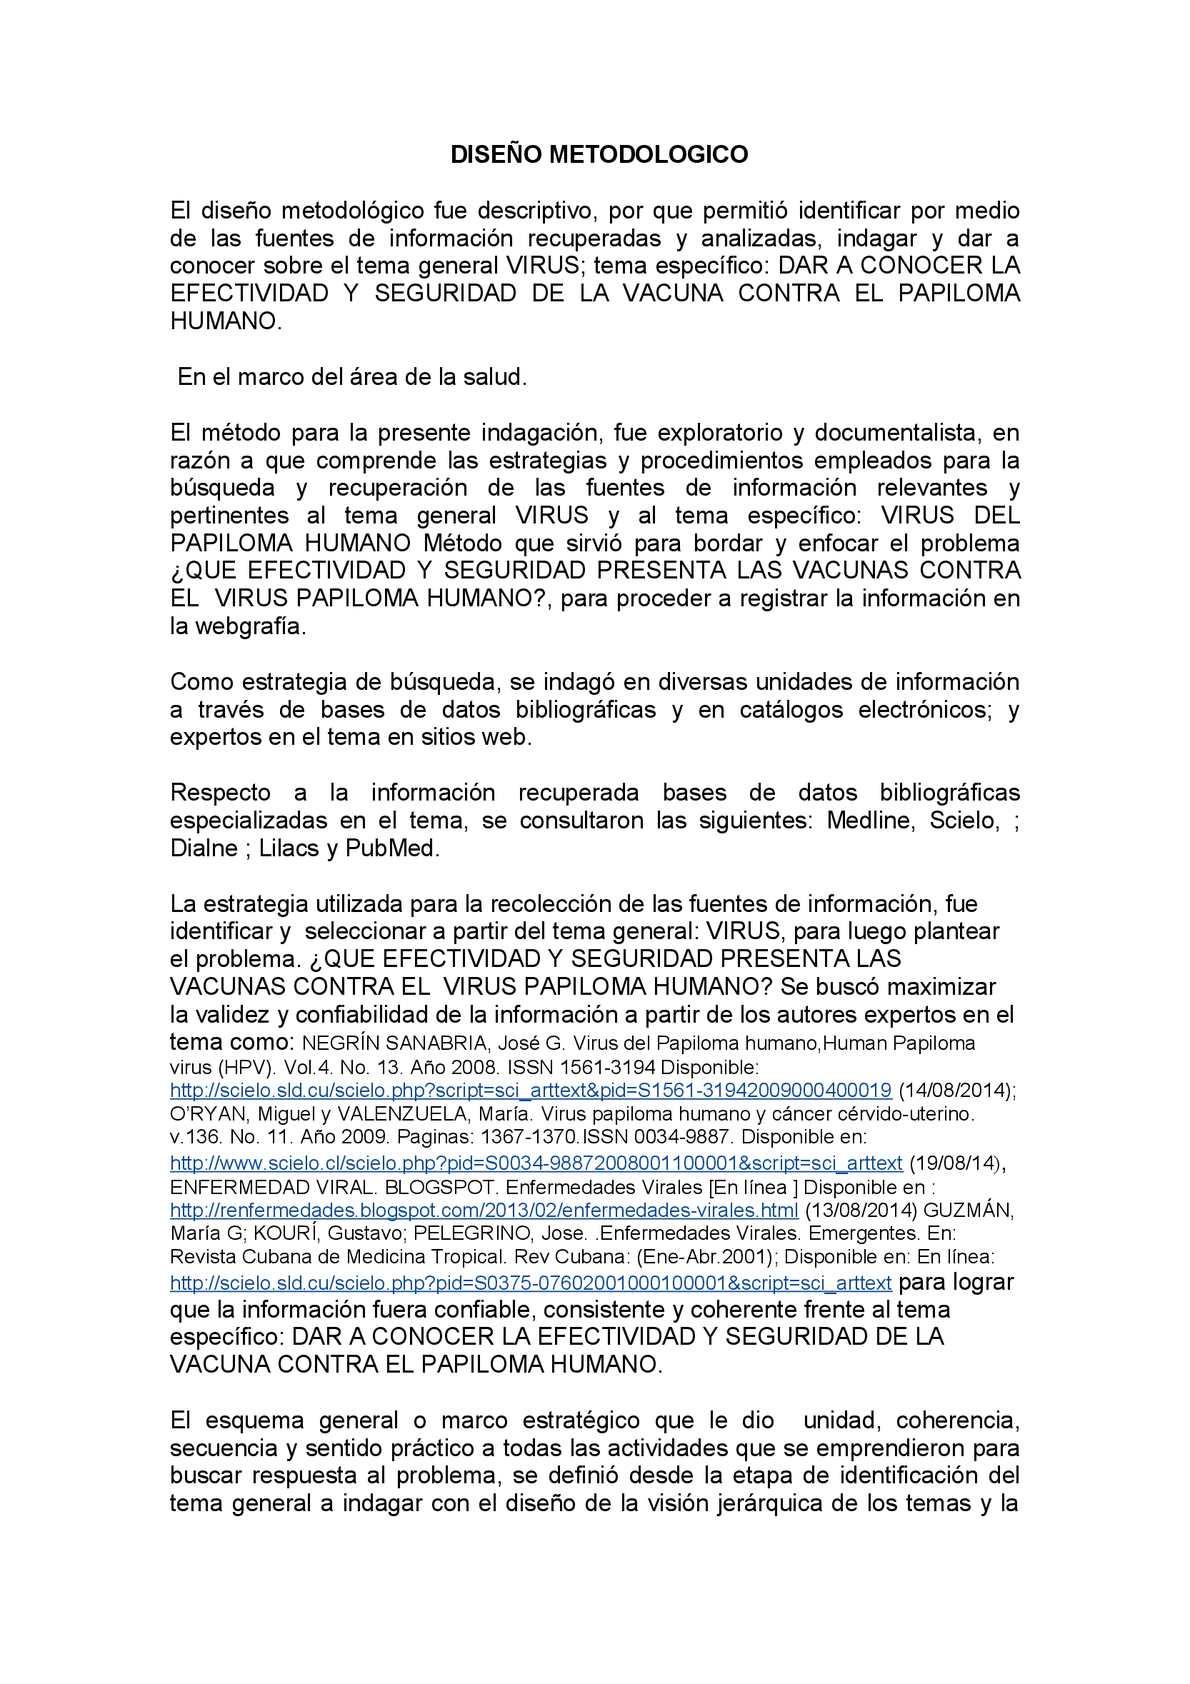 virus papiloma humano medline)